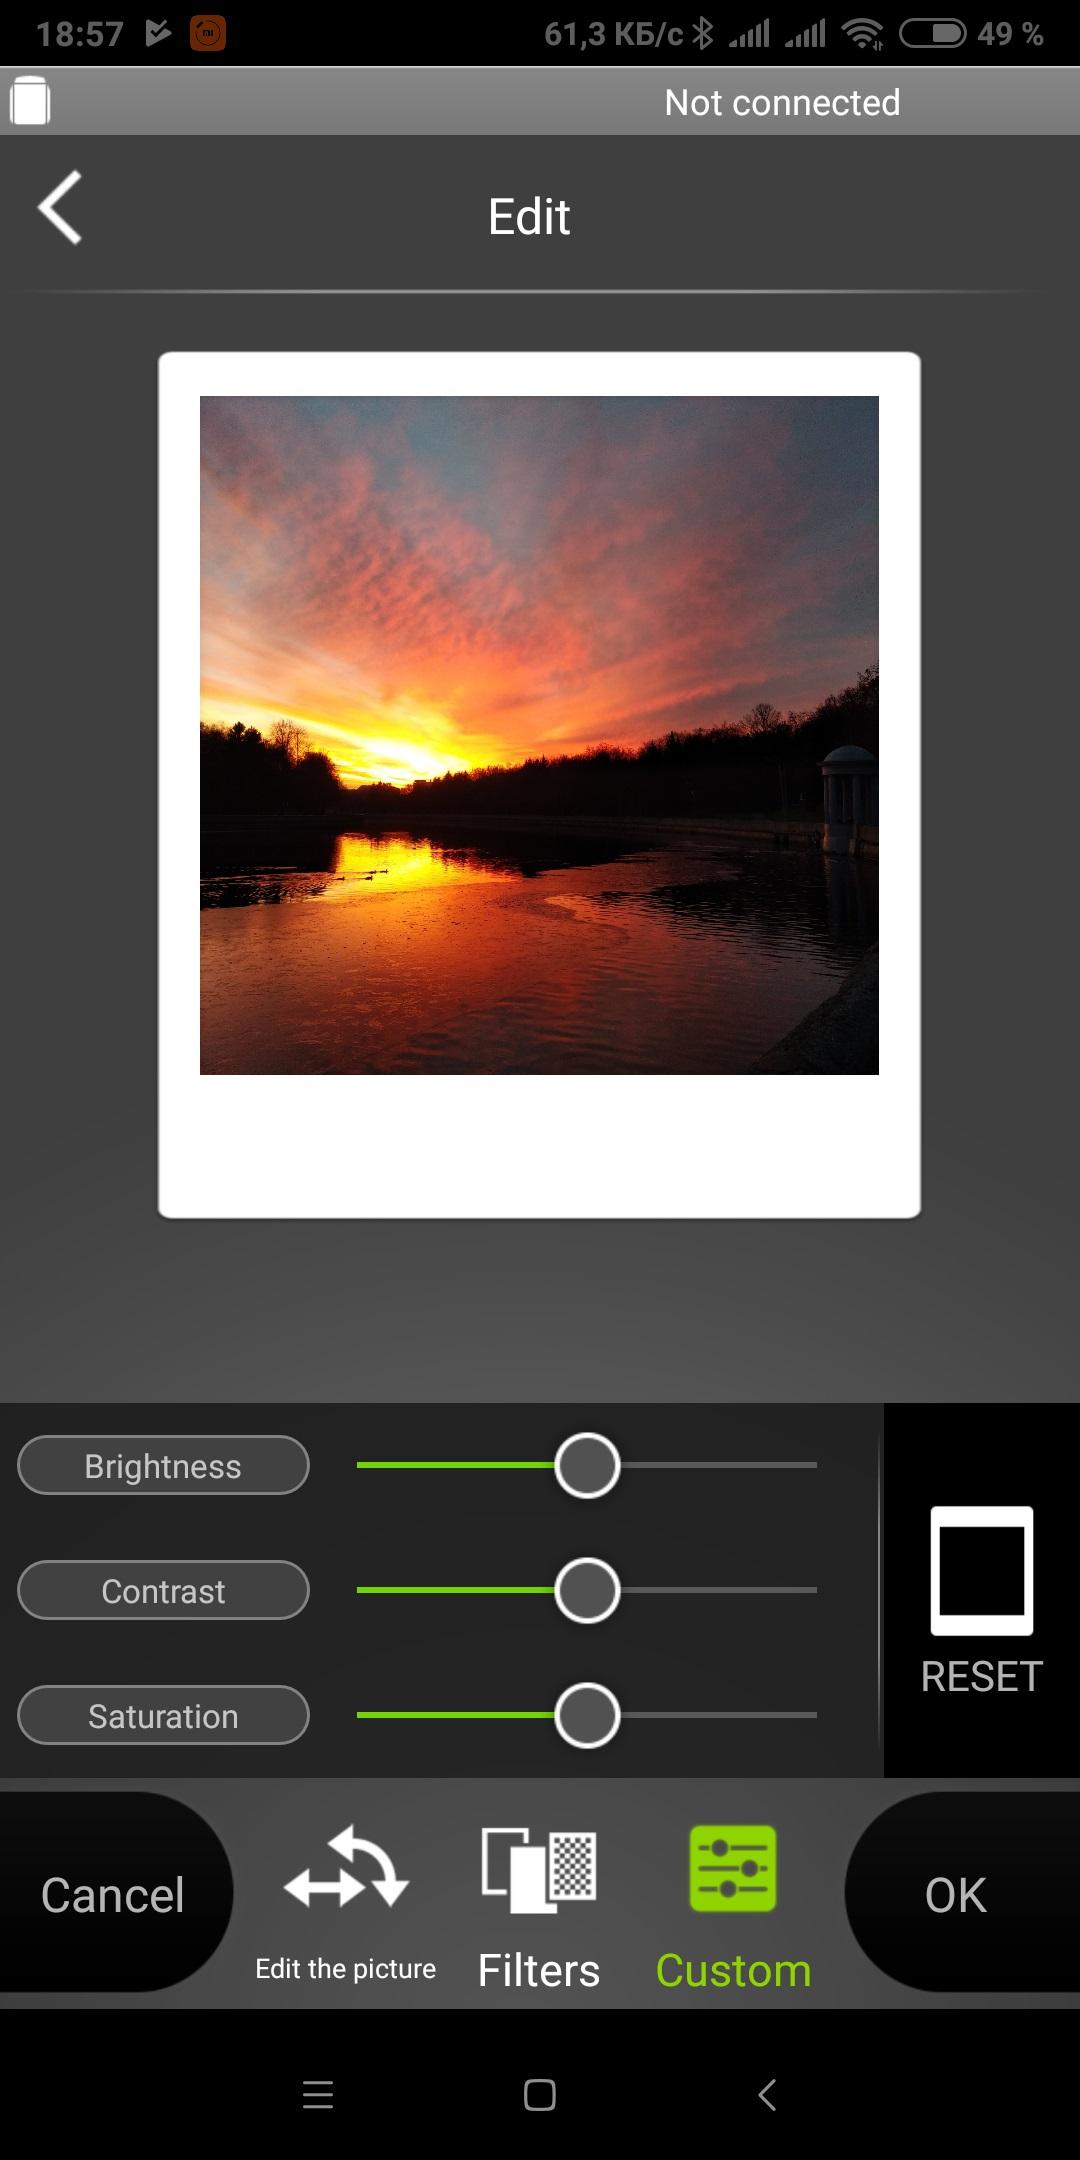 Мобильная печать. Обзор фотопринтера Fujifilm Instax Share SP-3 - VENDEE